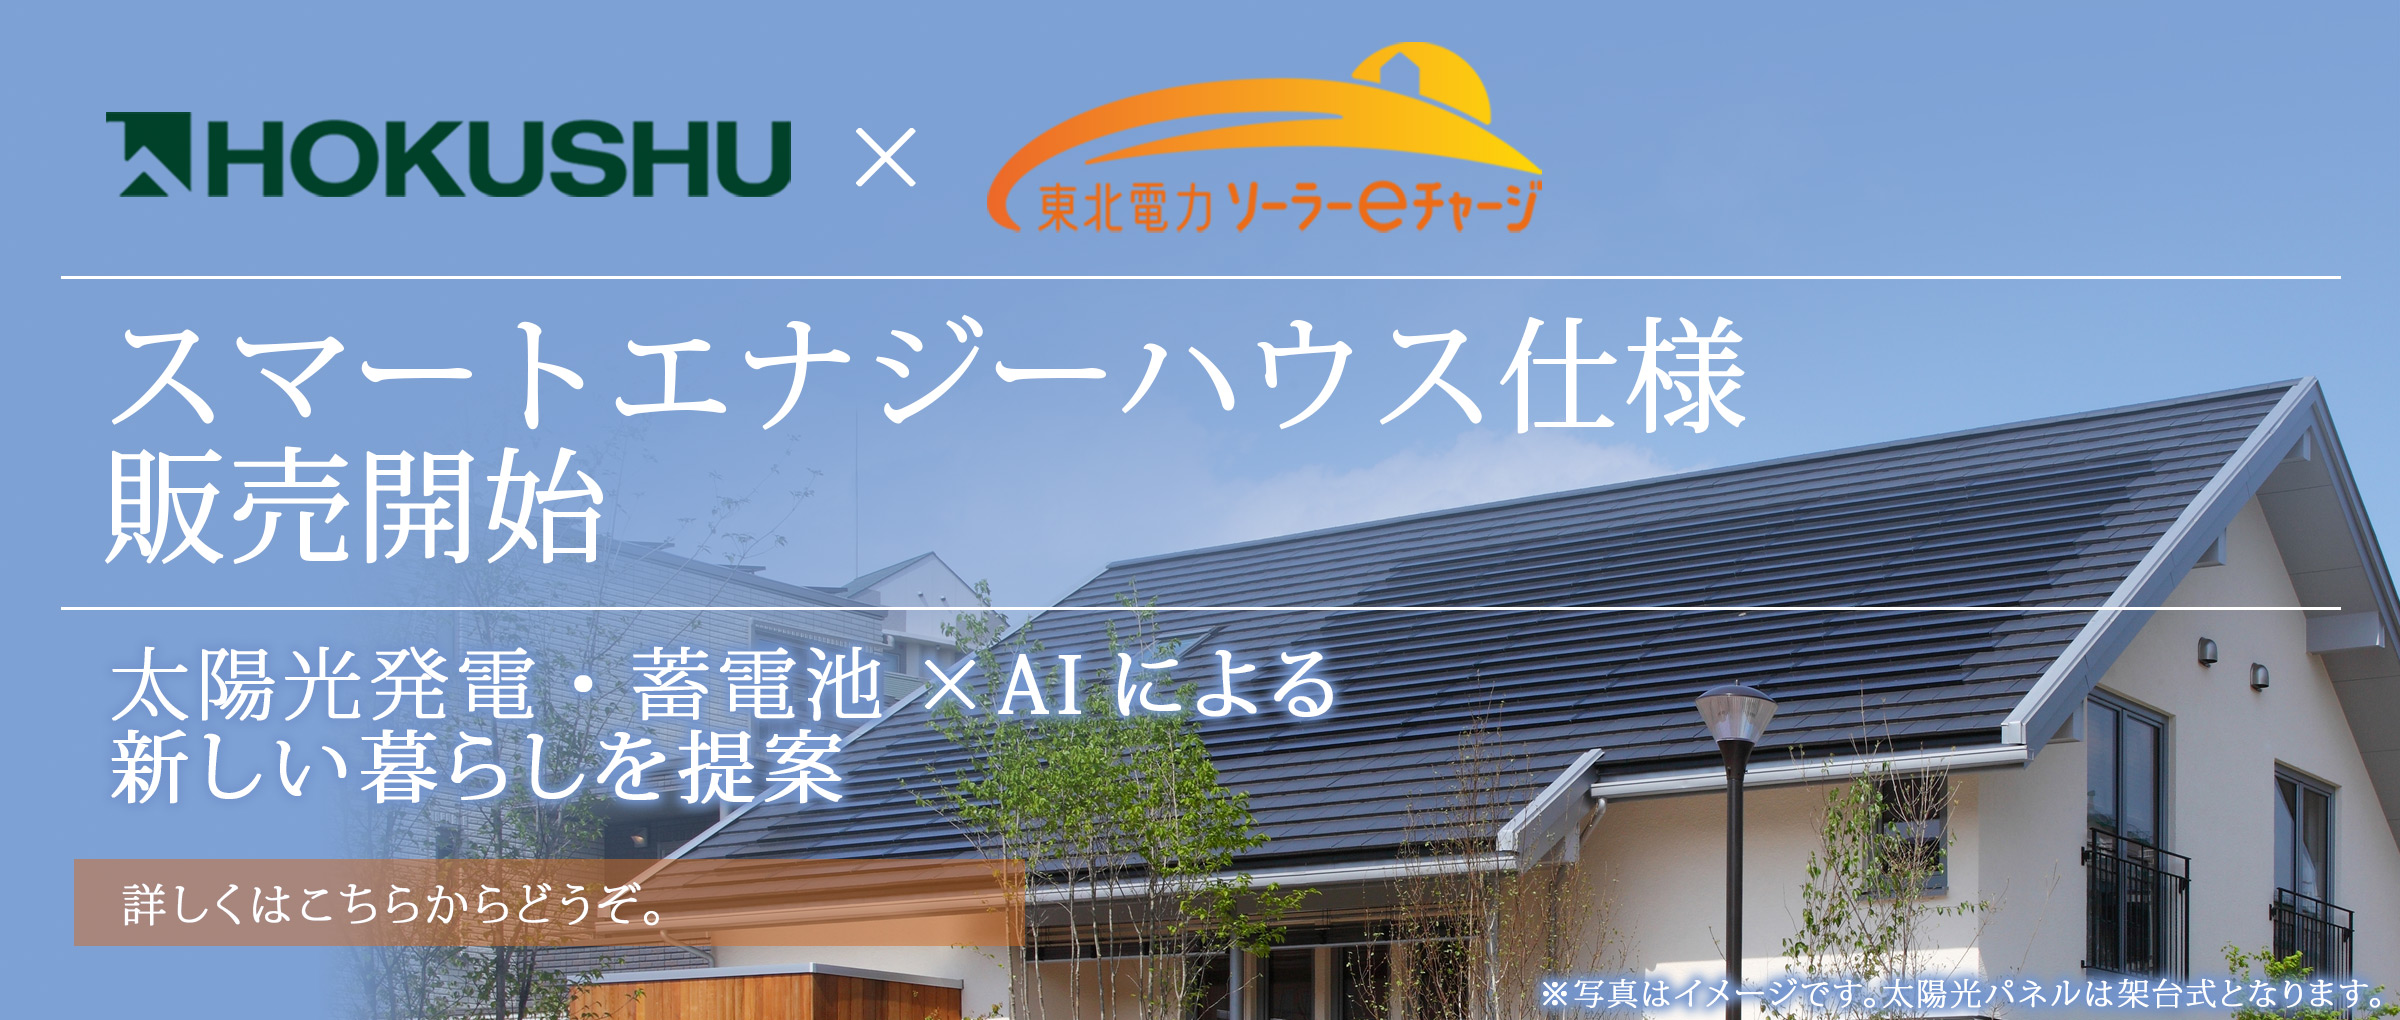 スマートエナジーハウス仕様を販売開始 東北電力ソーラーeチャージと業務提携